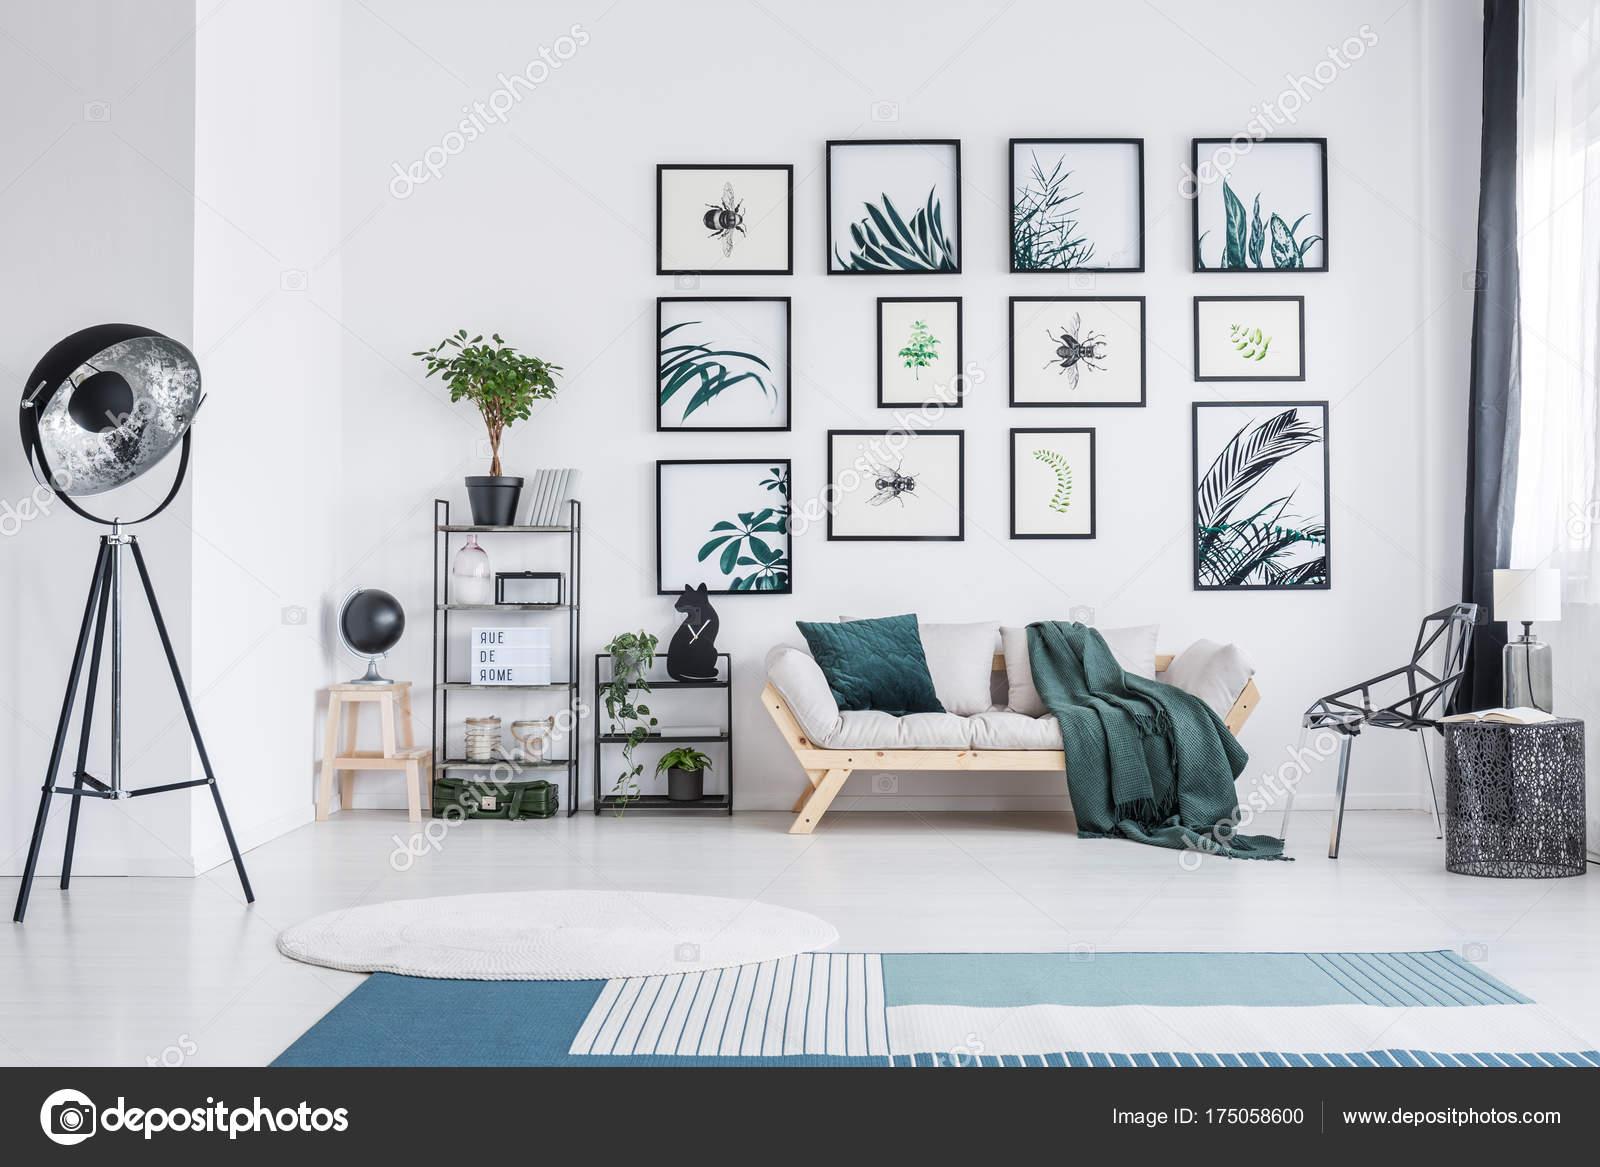 Woonkamer met metalen meubelen — Stockfoto © photographee.eu #175058600